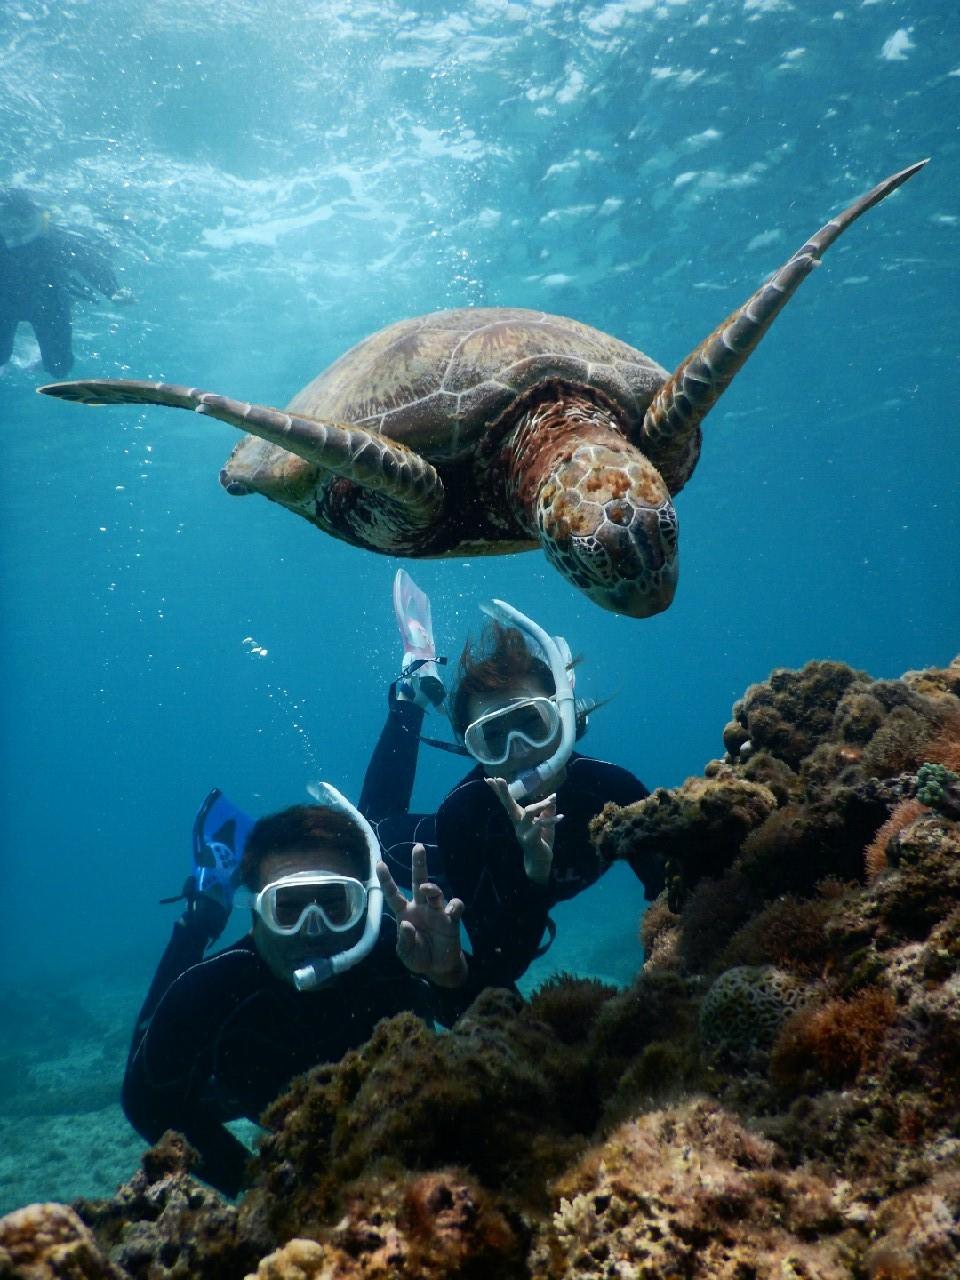 ウミガメと珊瑚の根の下で